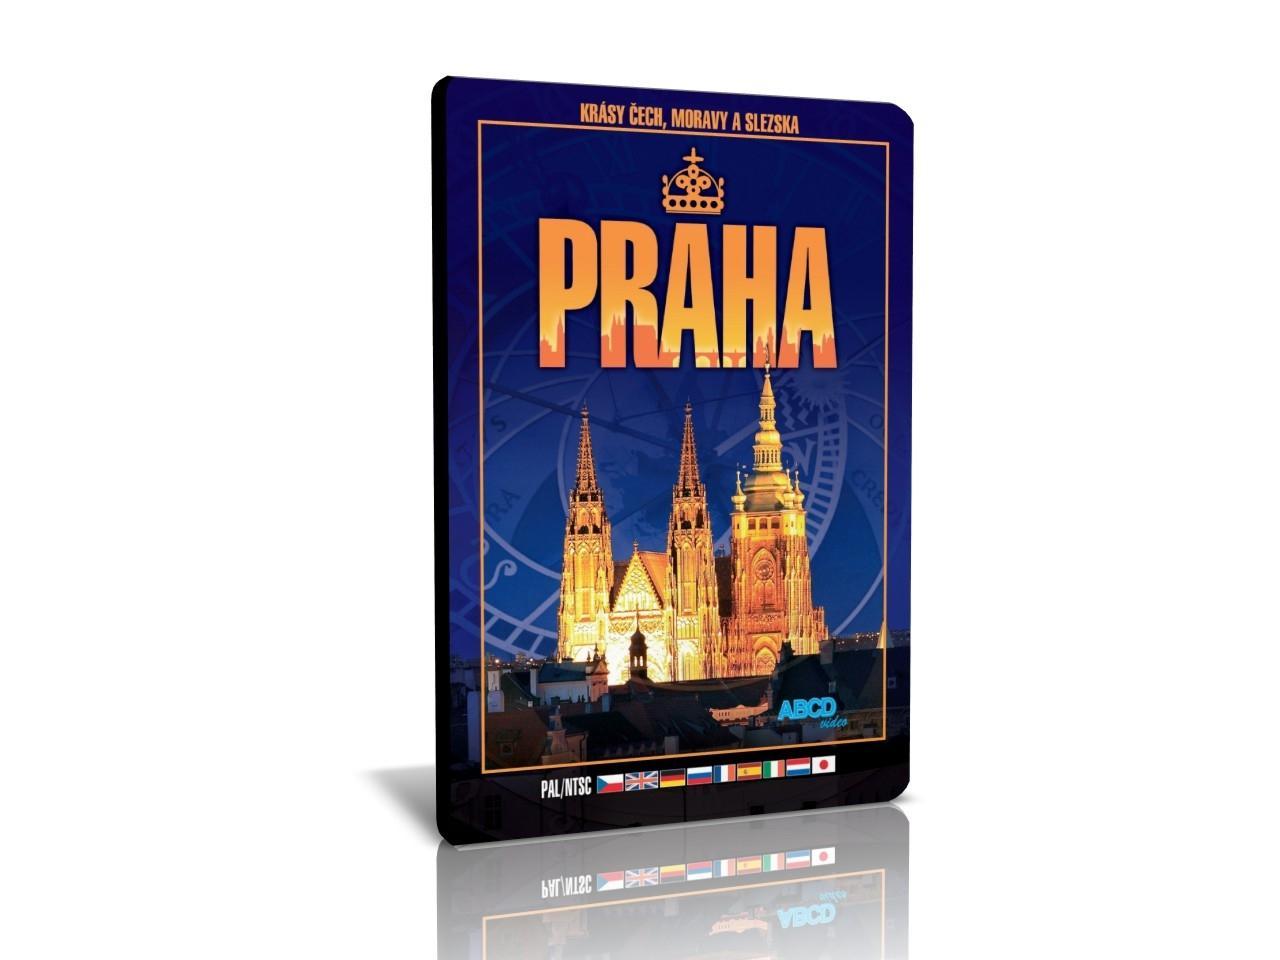 KRÁSY ČECH, MORAVY A SLEZSKA: Praha (DVD)